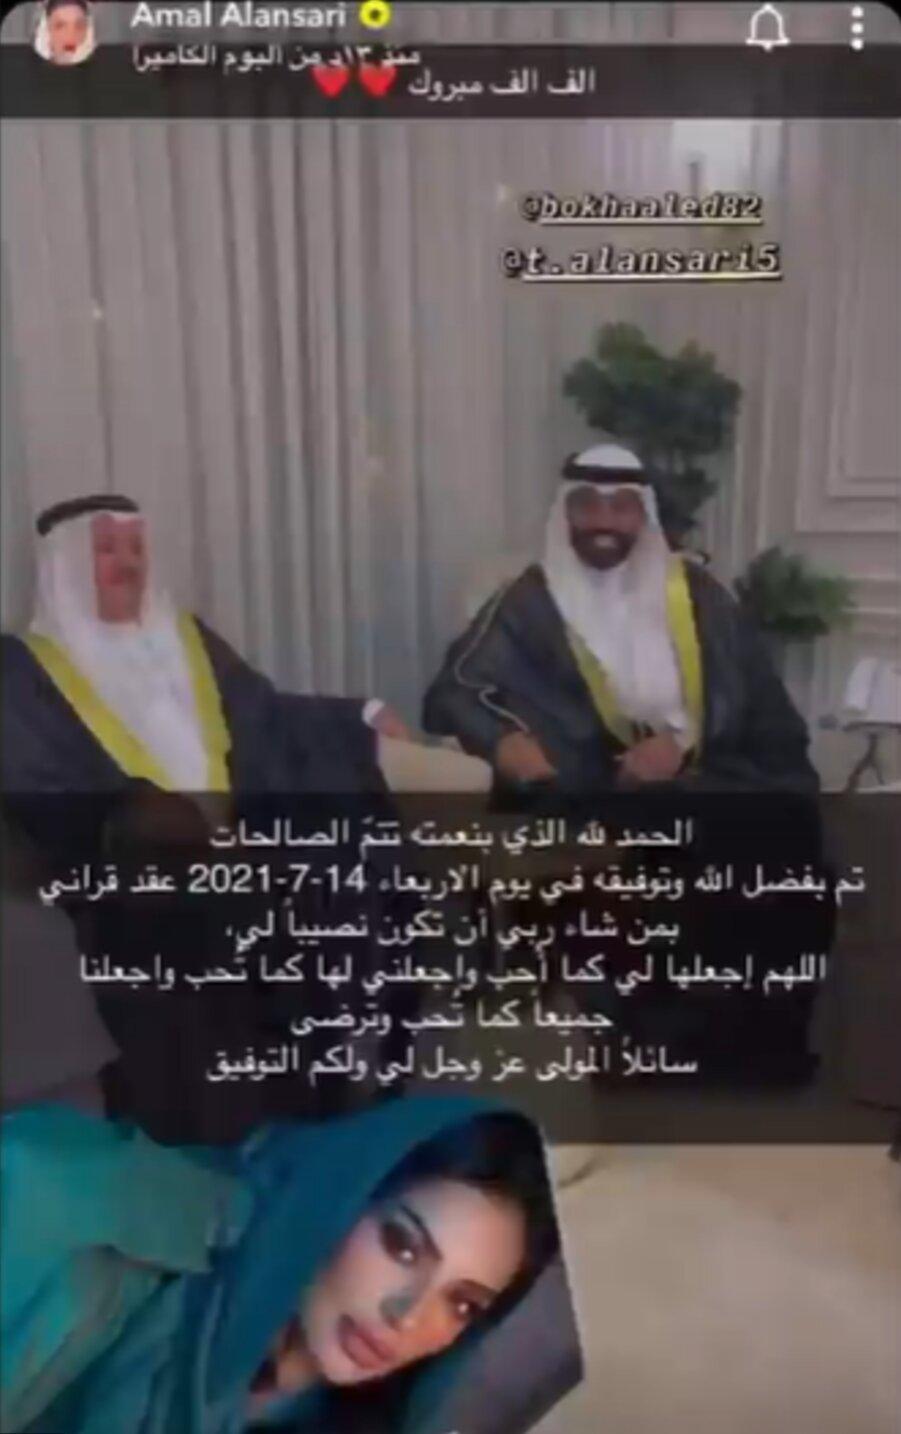 فاطمة الأنصاري تعلن عقد قرانها على يعقوب بوشهري